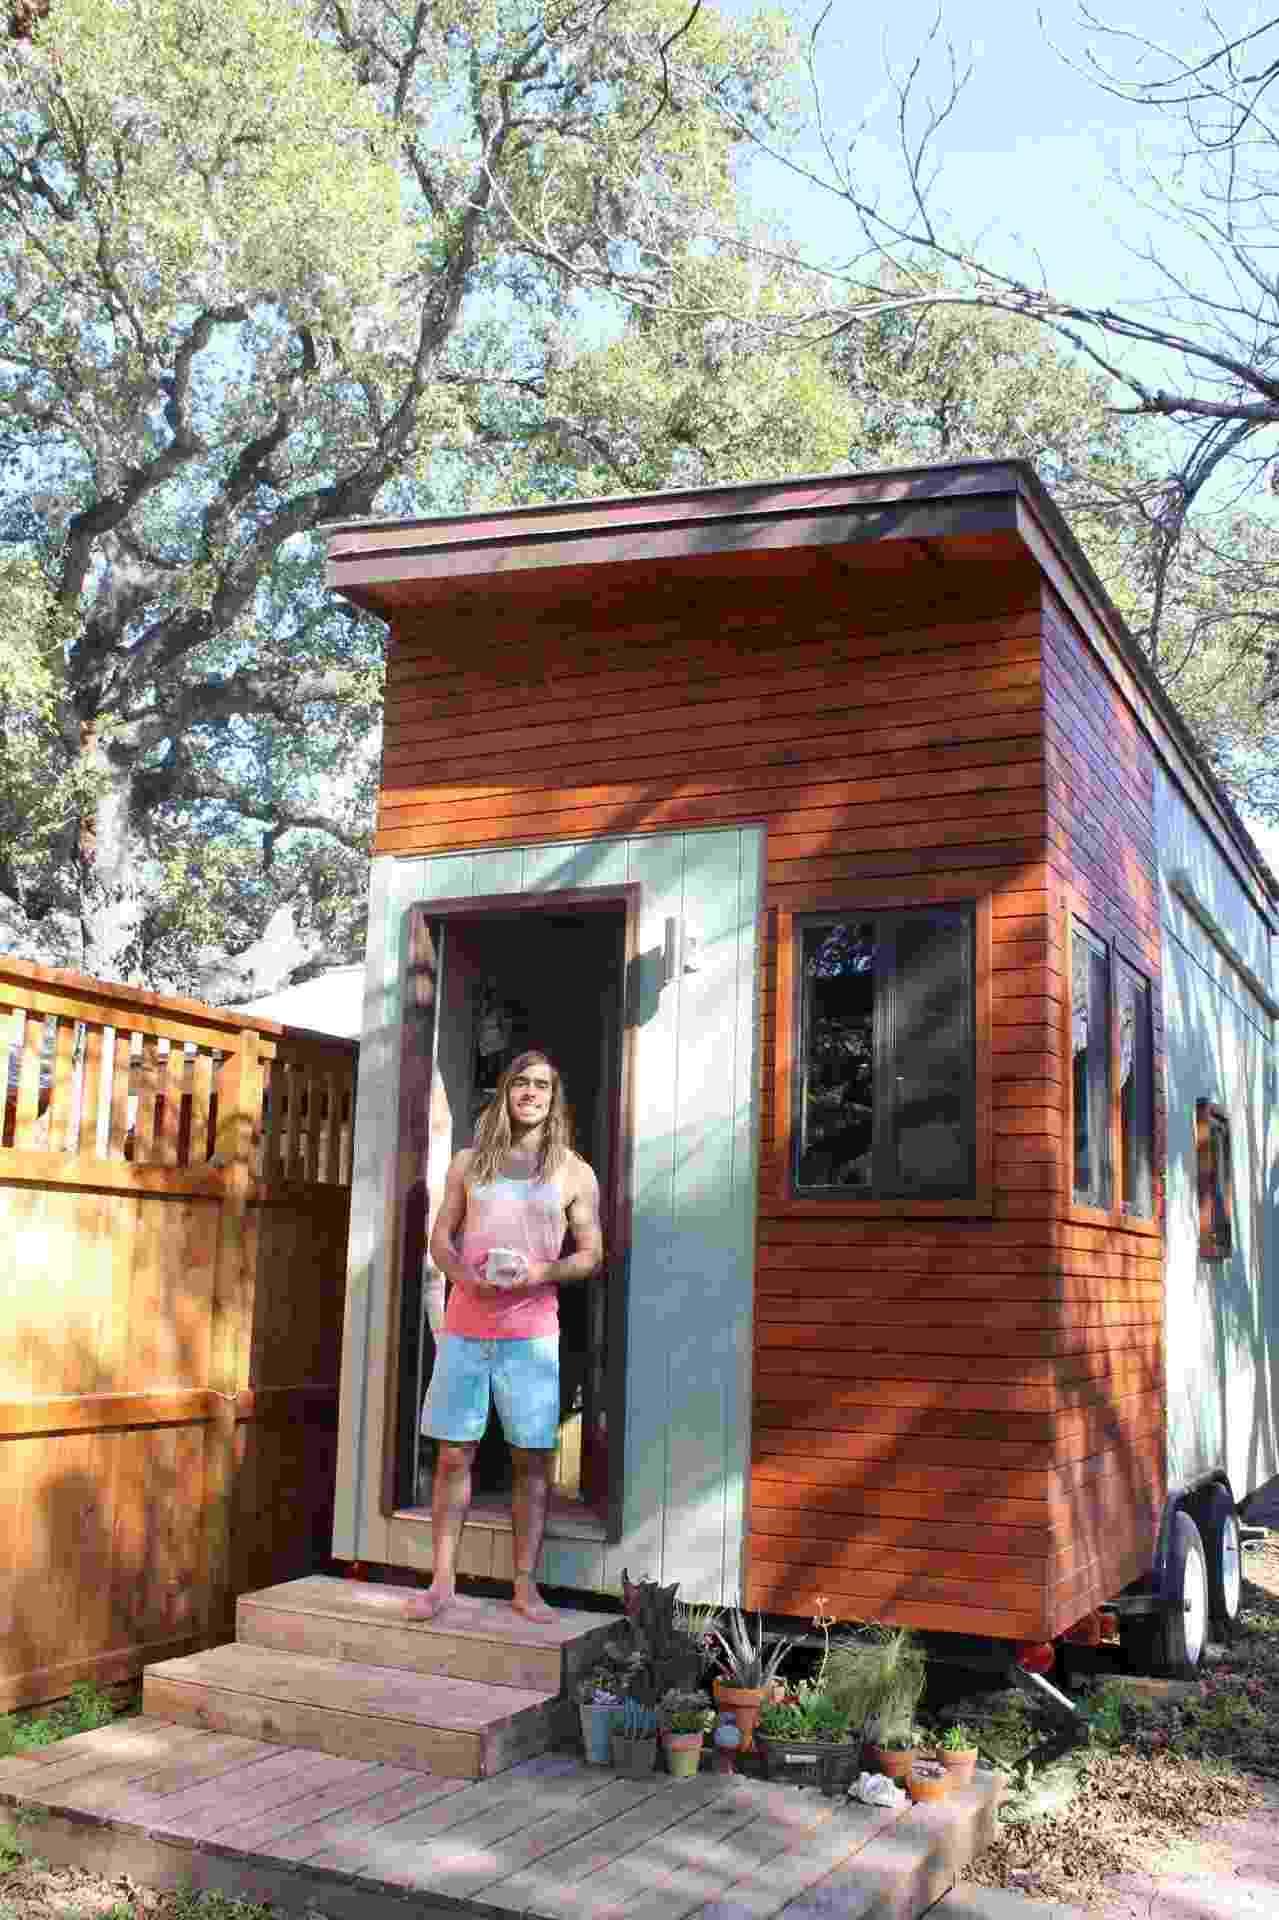 Tiny Home - Joel Weber posa orgulhoso em frente à casa que construiu por pouco mais de R$ 48 mil. Todo o projeto e a decoração foram pensados pelo estudante e o processo levou um ano. O rapaz estacionou seu trailer ao lado da casa de amigos, em Austin, no Texas (EUA) - Miranda Chiechi/Divulgação